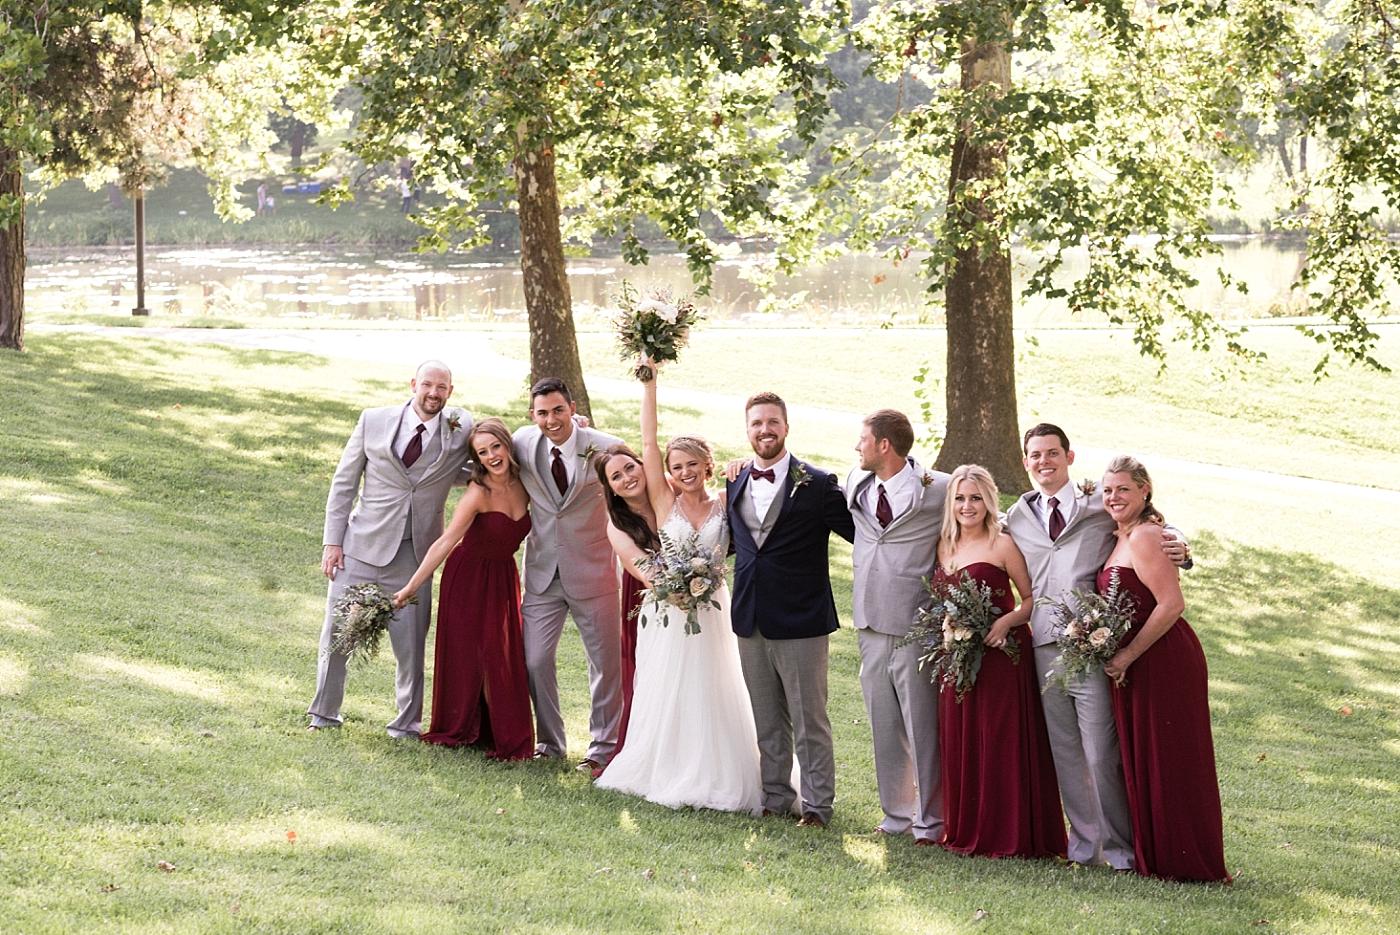 Bridal party wedding photography bride groom bridesmaids groomsmen outdoor bouquet